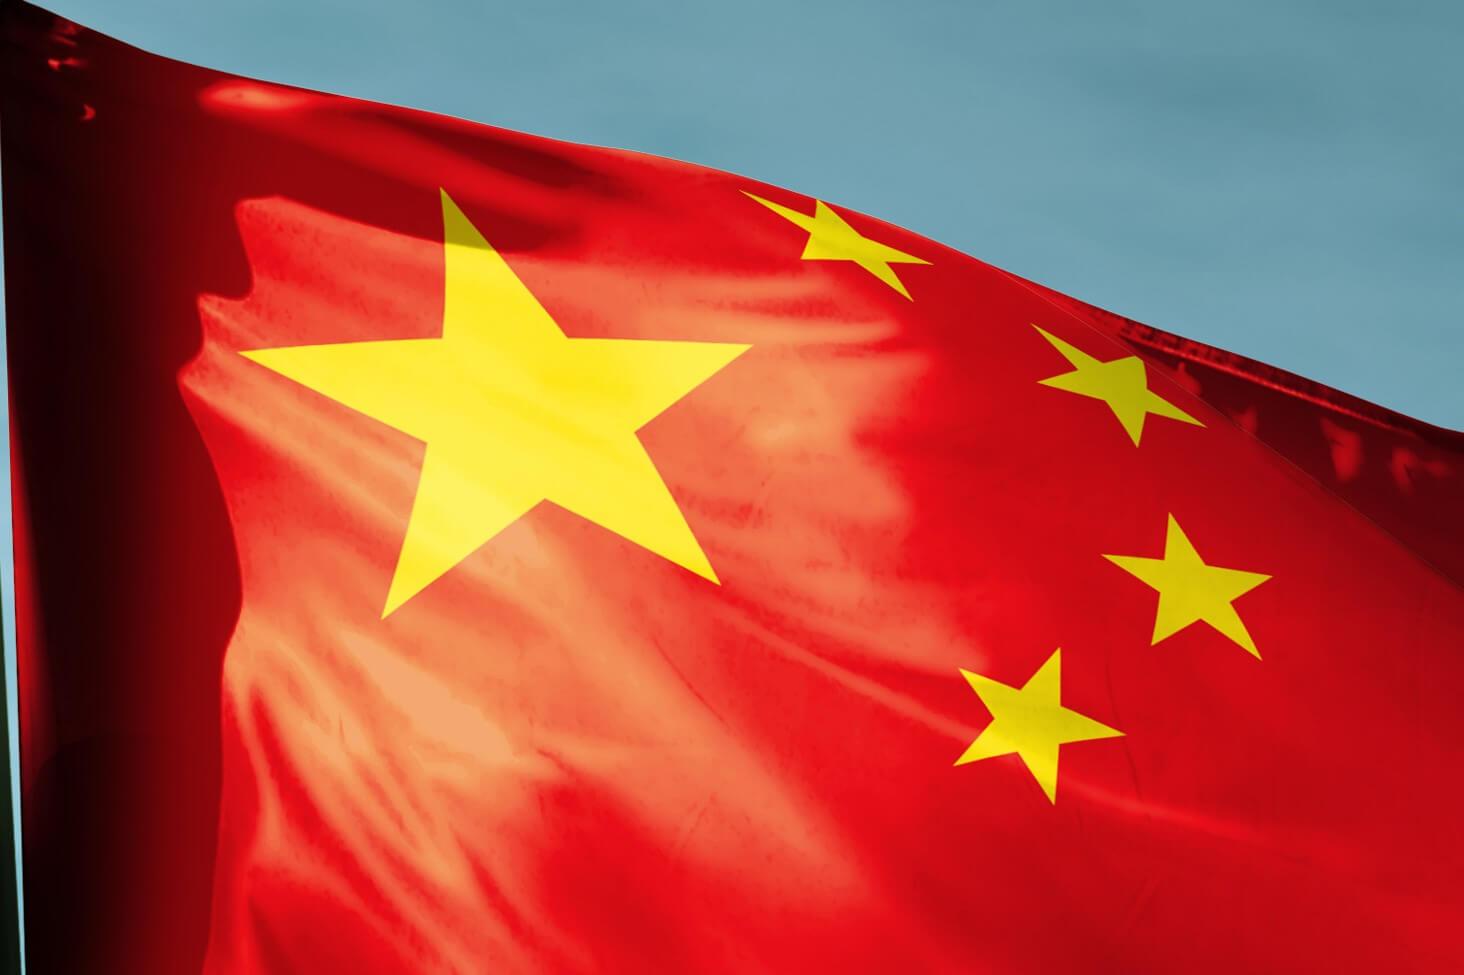 La repressione del mining in Cina continua, ma qualcuno percepisce speranza